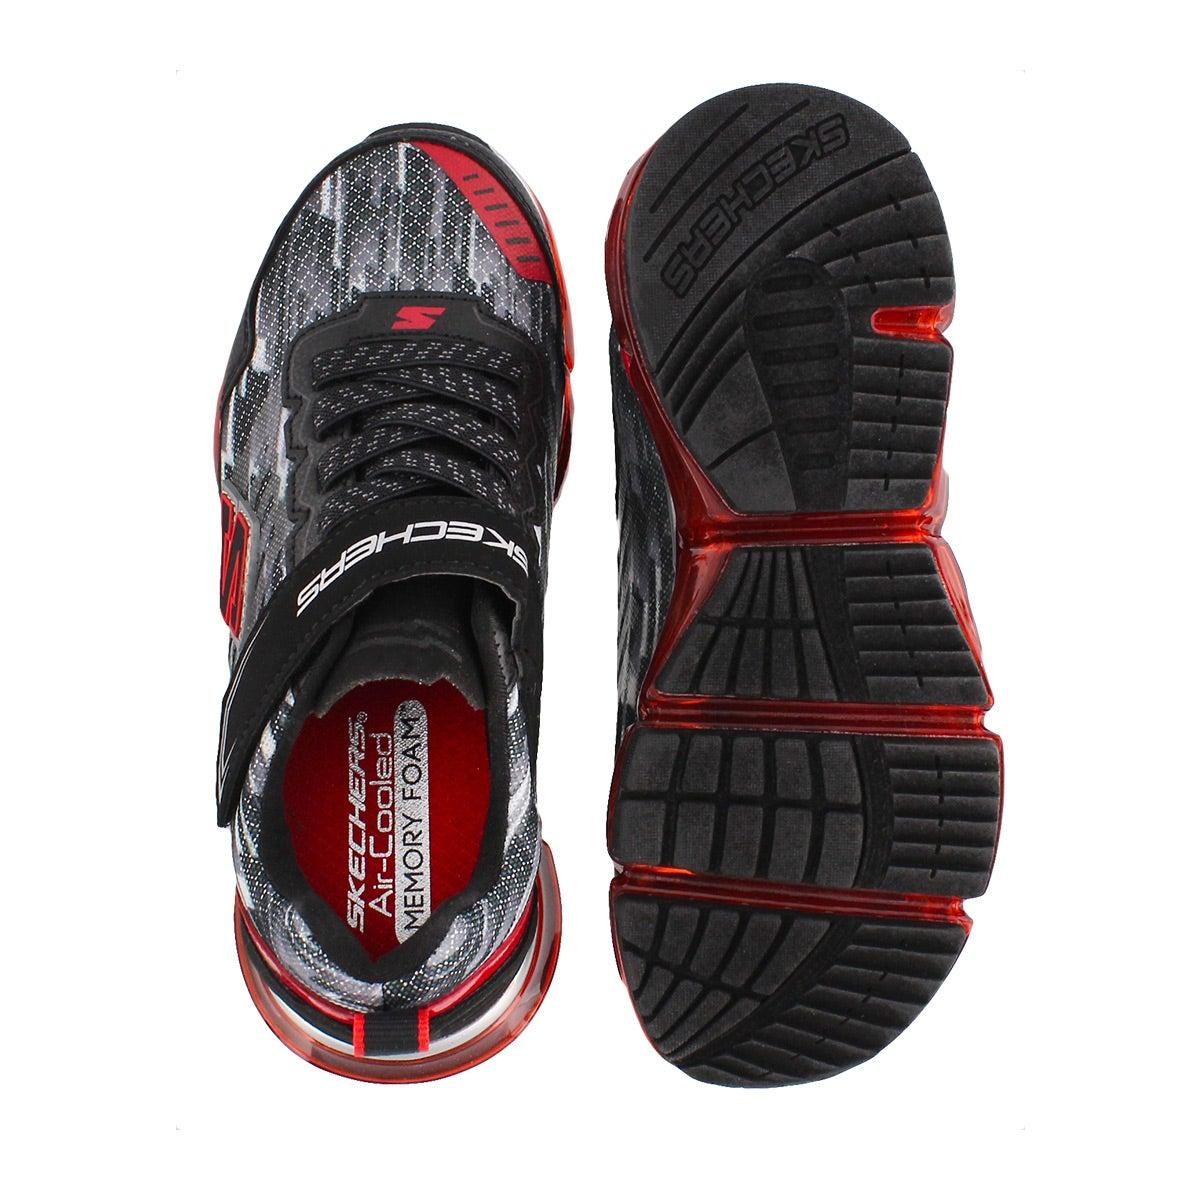 Bys Skech-Air Mega blk/red sneaker